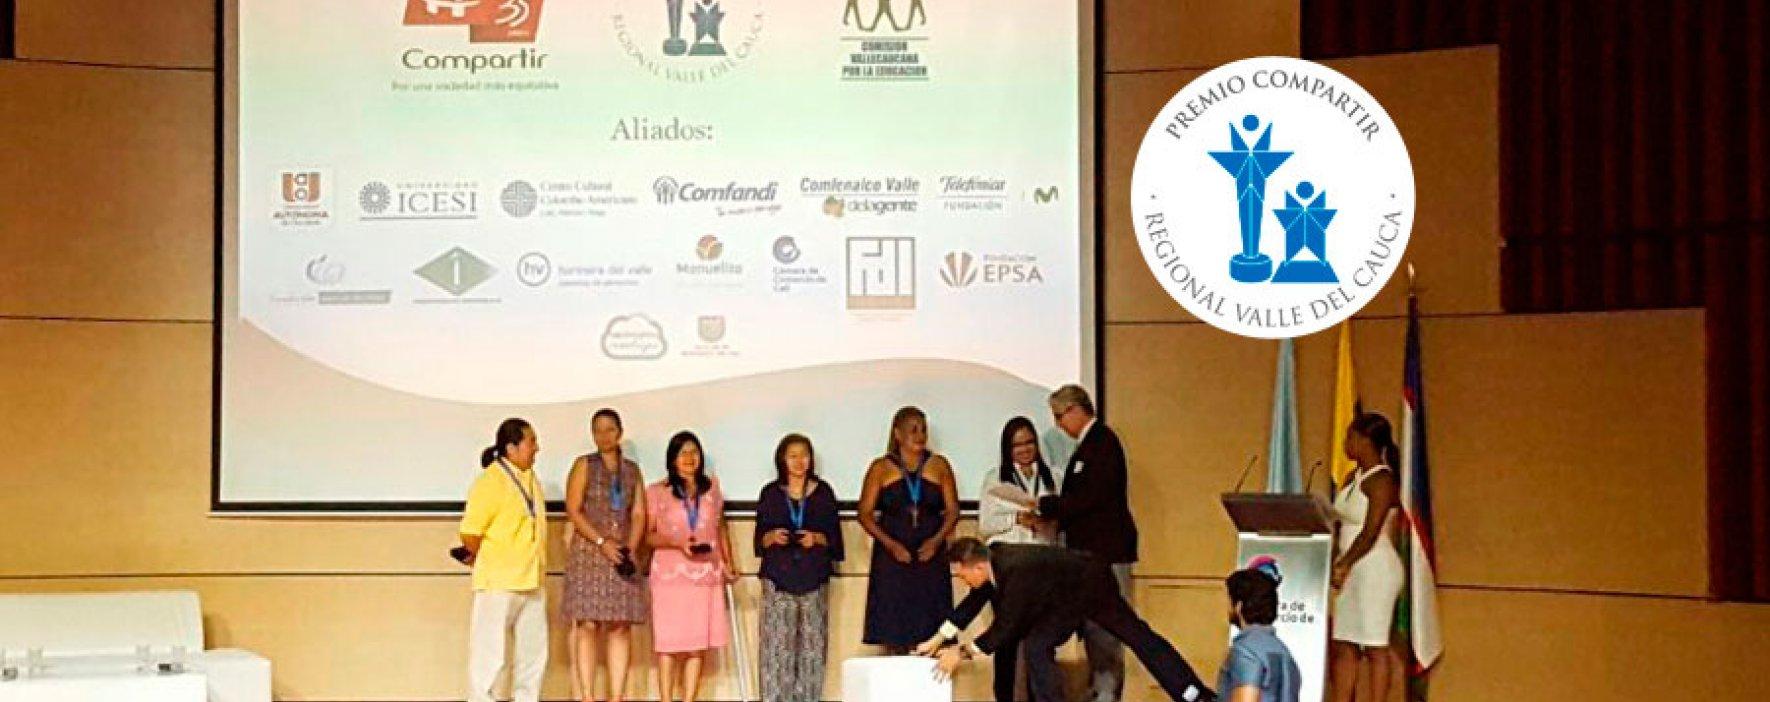 Premio Compartir reconoce a los mejores en Valle del Cauca